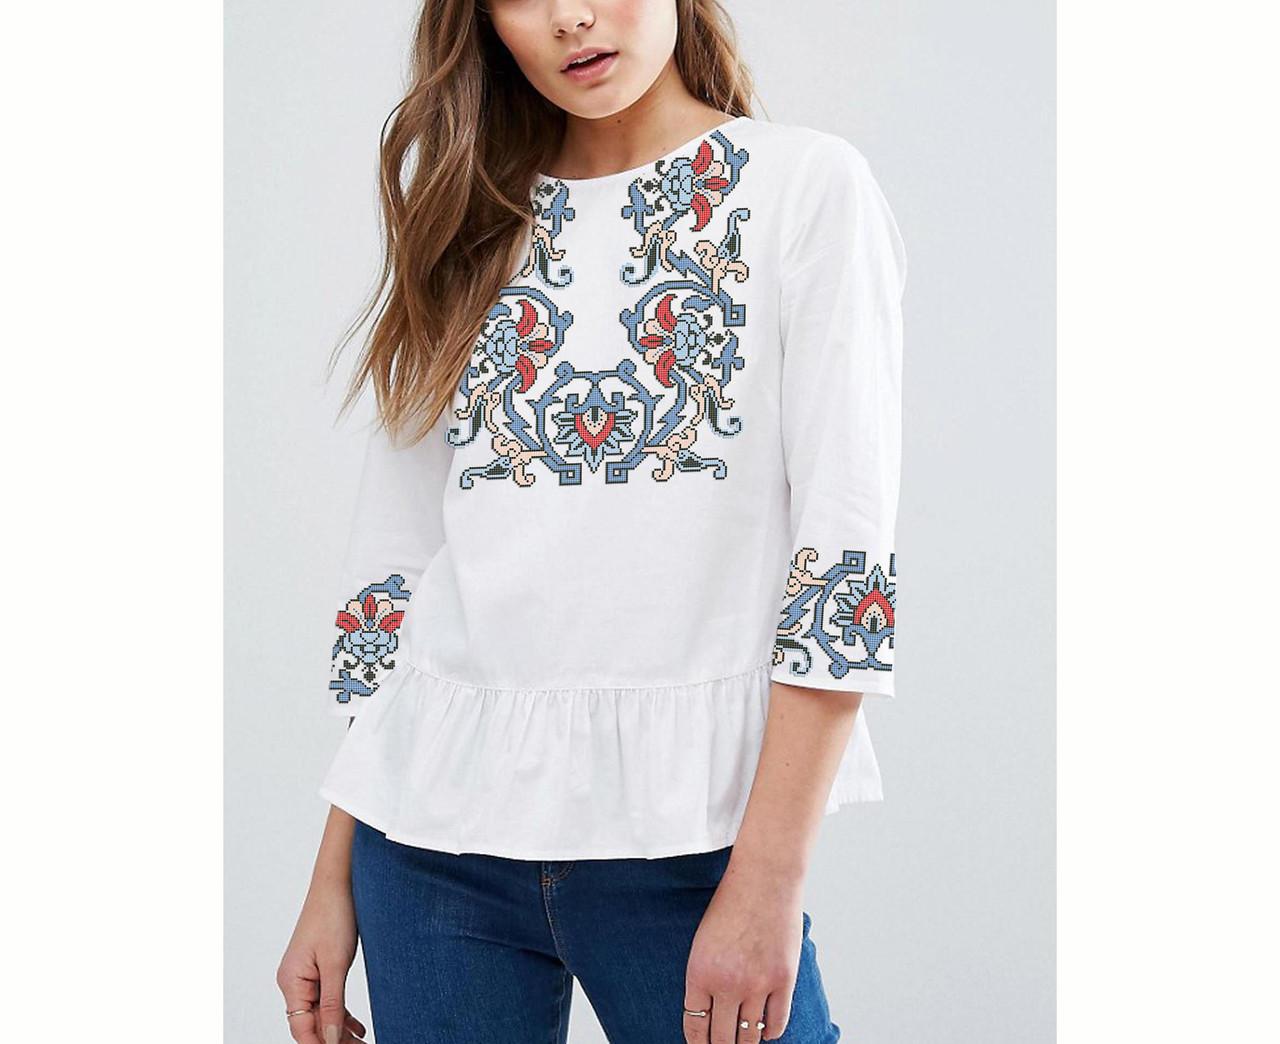 Заготовка вышиванки женской сорочки / блузы для вышивки бисером «Загадка» Габардин (белый)